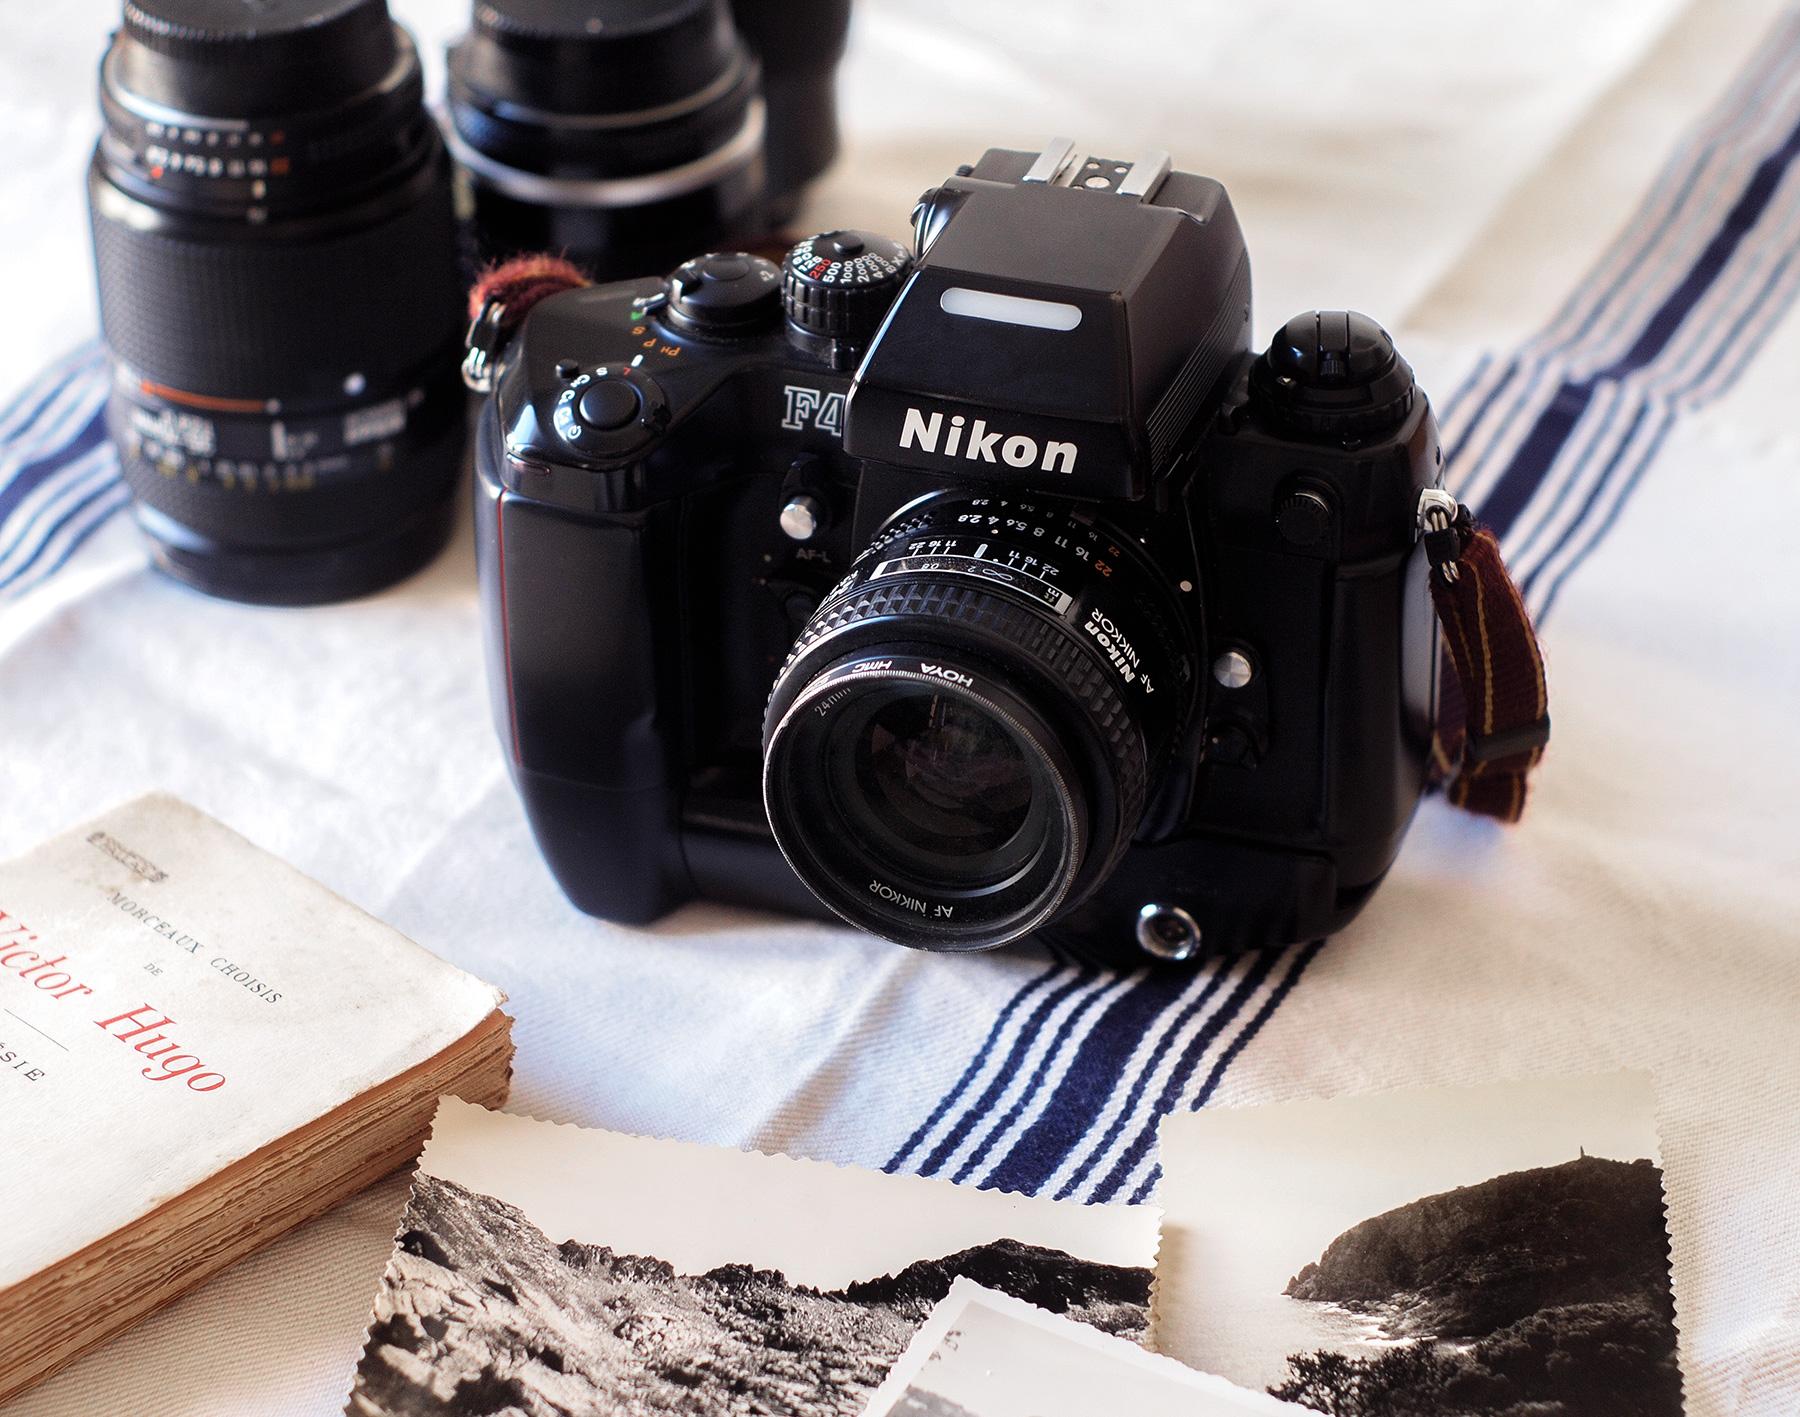 Nikon F4